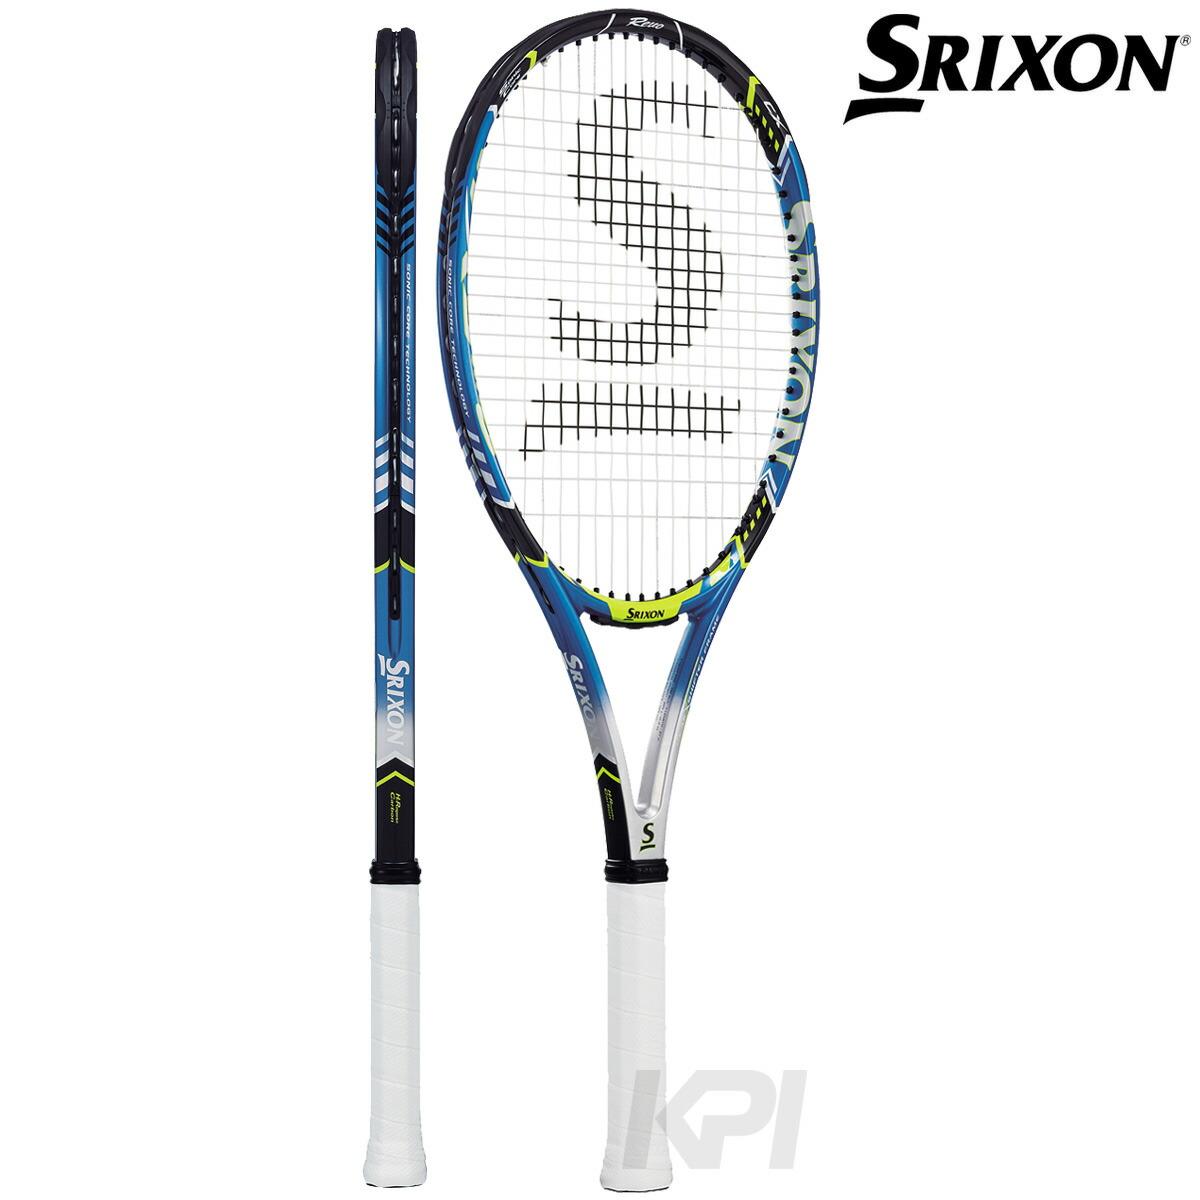 【10000円以上で1000円引クーポン対象】「あす楽対応」SRIXON(スリクソン)「SRIXON REVO CX 4.0(スリクソン レヴォ CX 4.0) フレームのみ SR21706」硬式テニスラケット 『即日出荷』